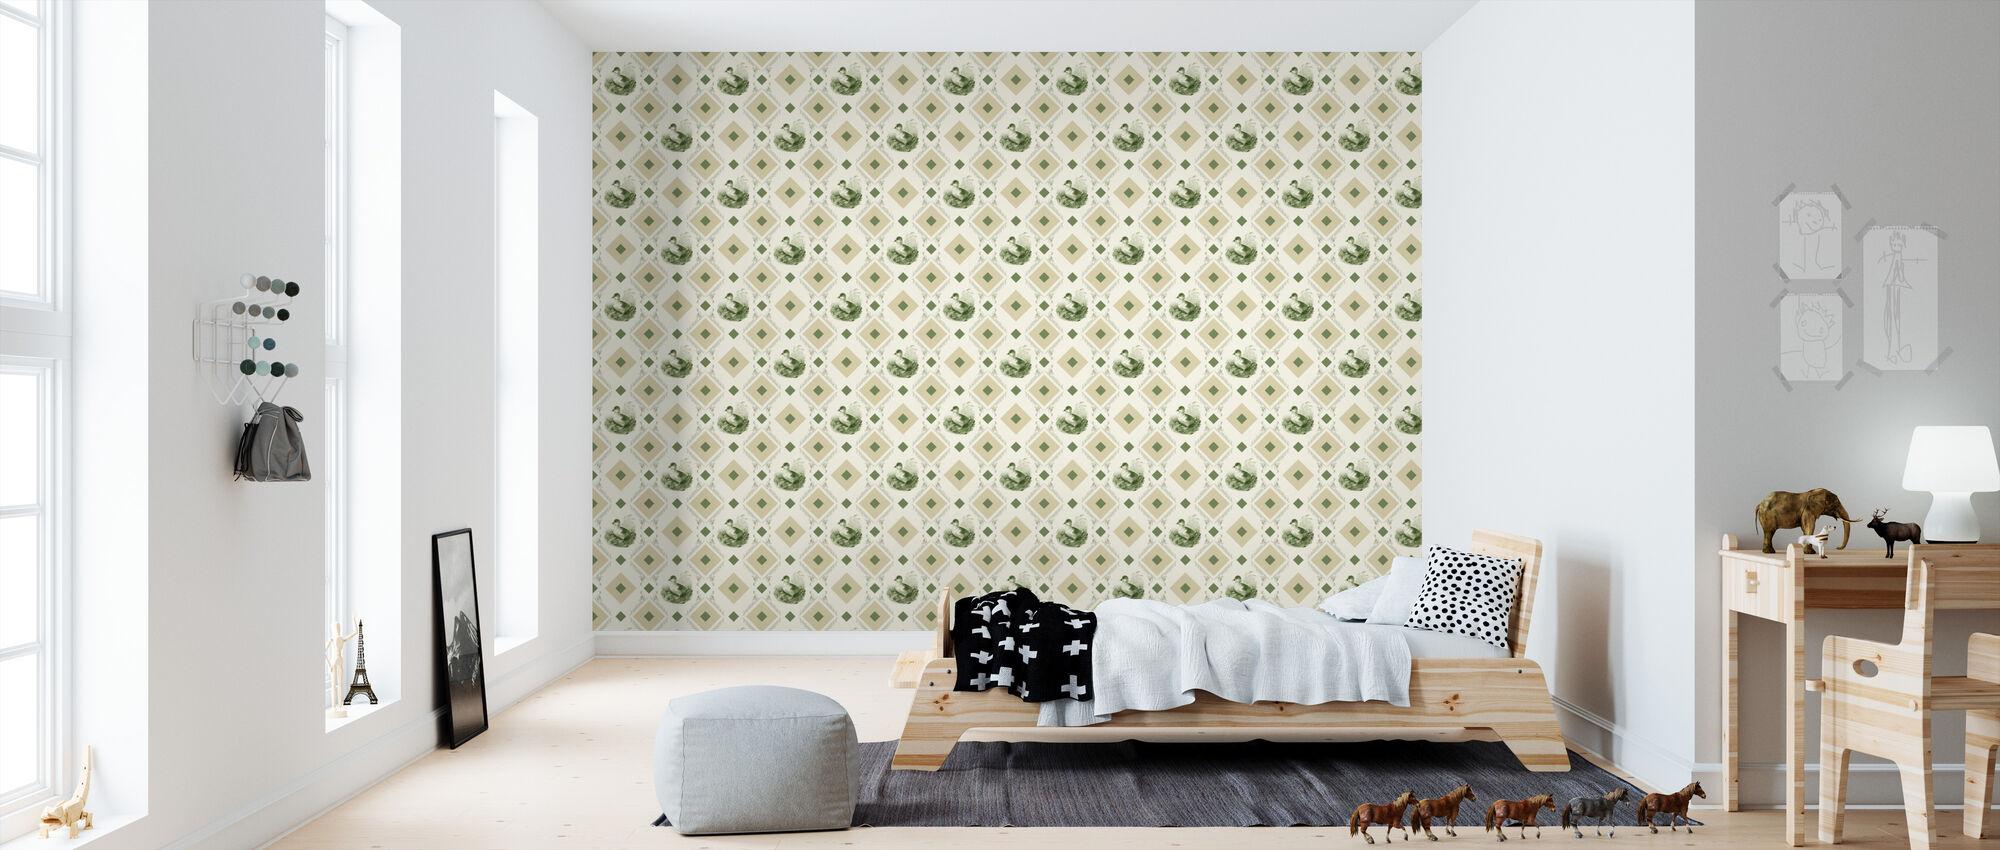 Ducklin - Gooseframe - Green Beige - Wallpaper - Kids Room